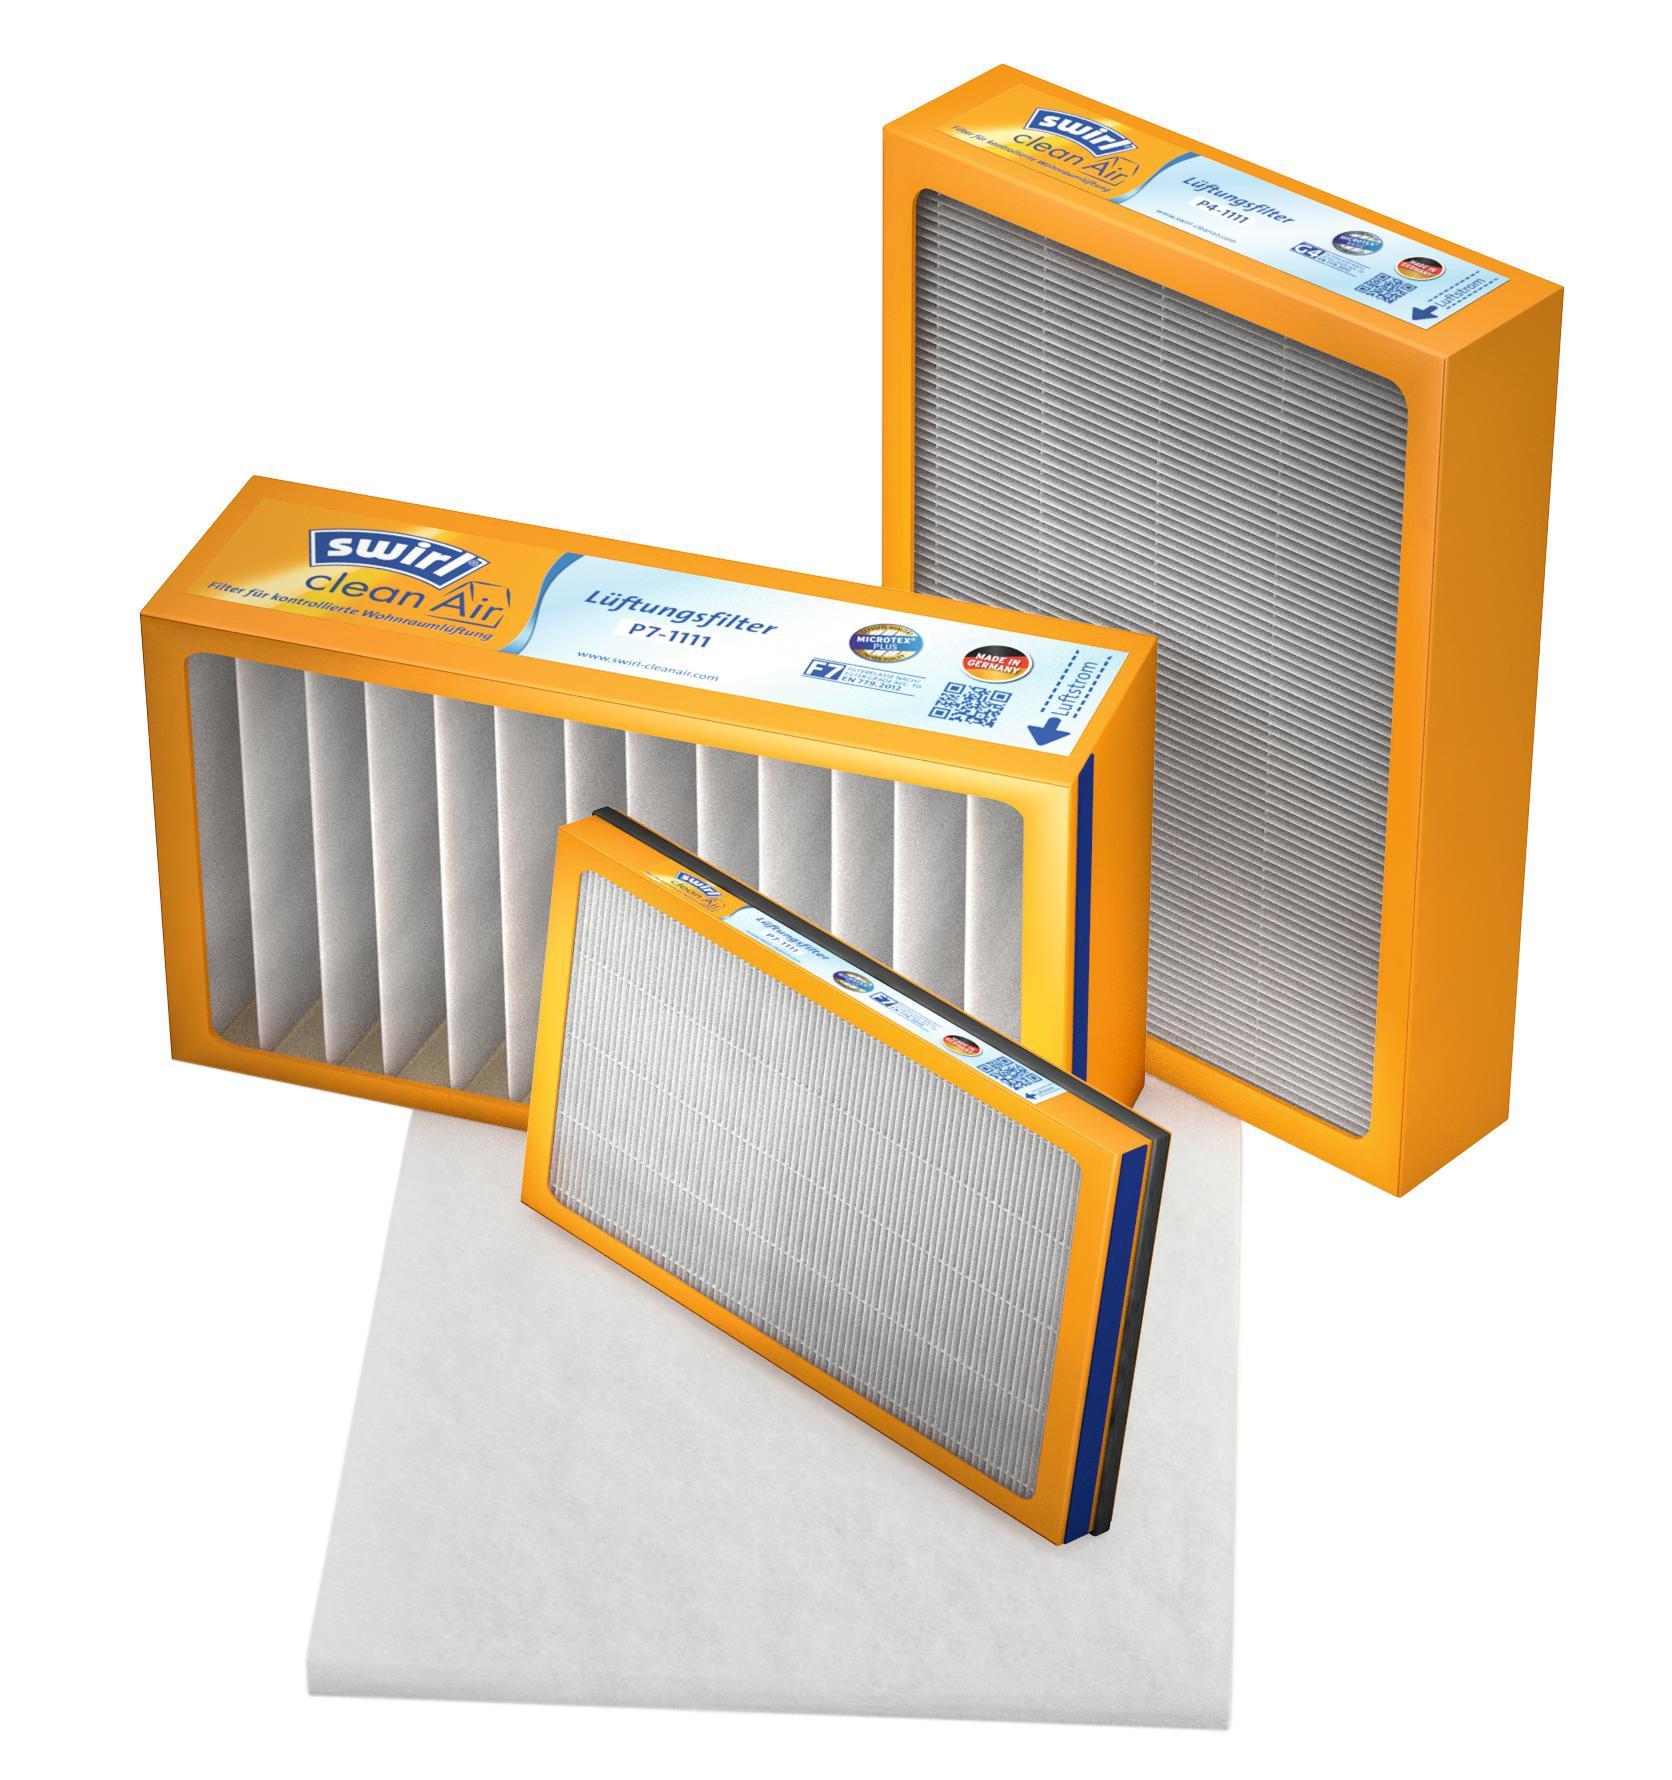 swirl cleanair filter f r kontrollierte wohnrauml ftung einfach sauber und presseportal. Black Bedroom Furniture Sets. Home Design Ideas